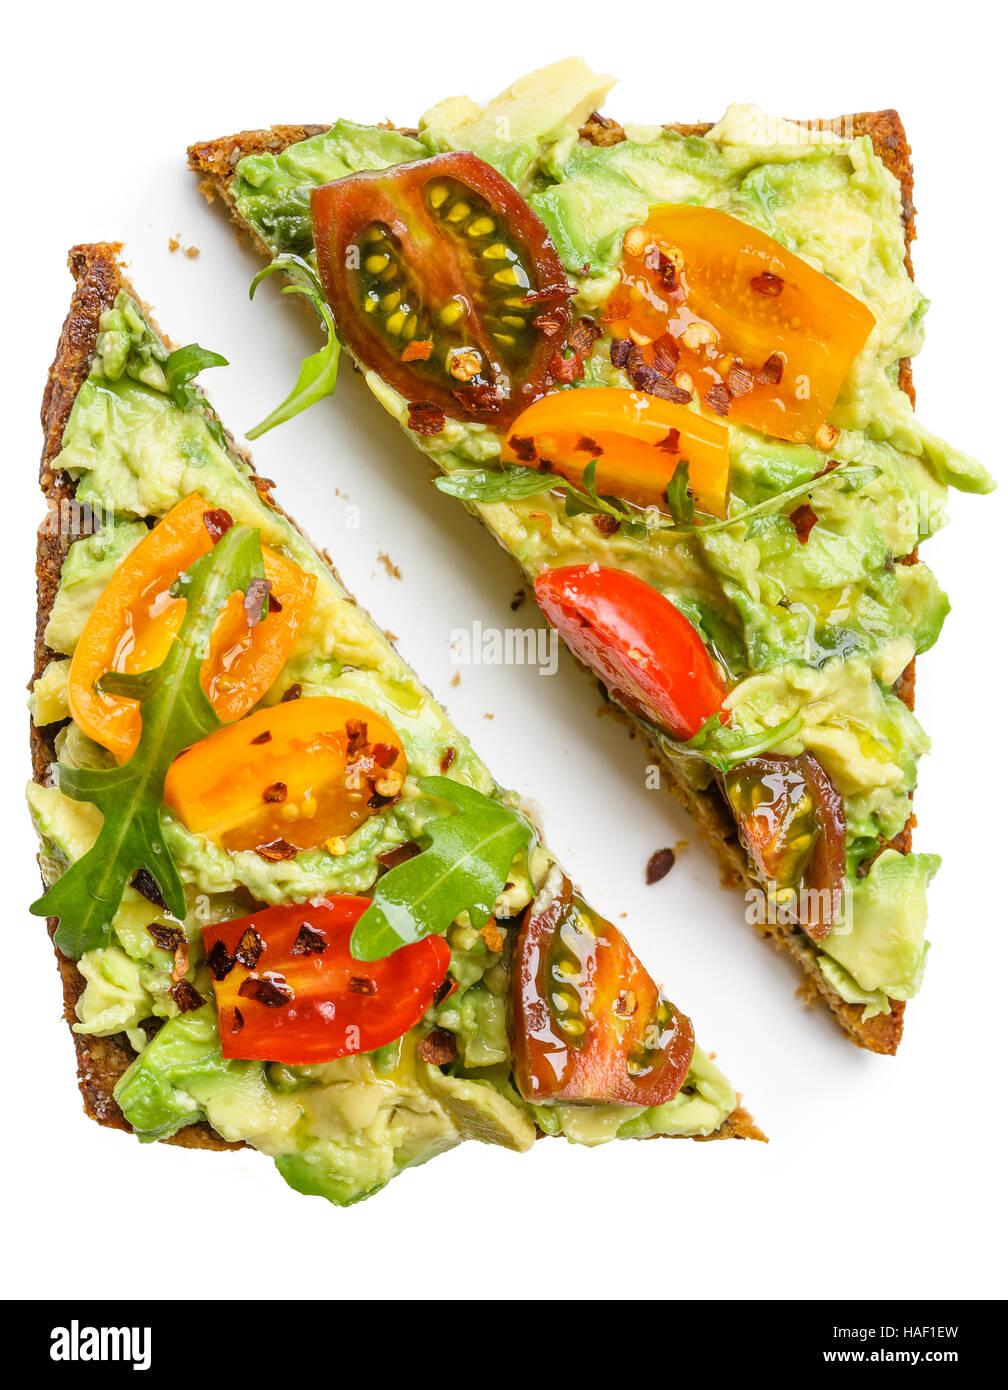 Fetta di pane di segale con avocado e colorati di pomodori e foglie aragula Immagini Stock